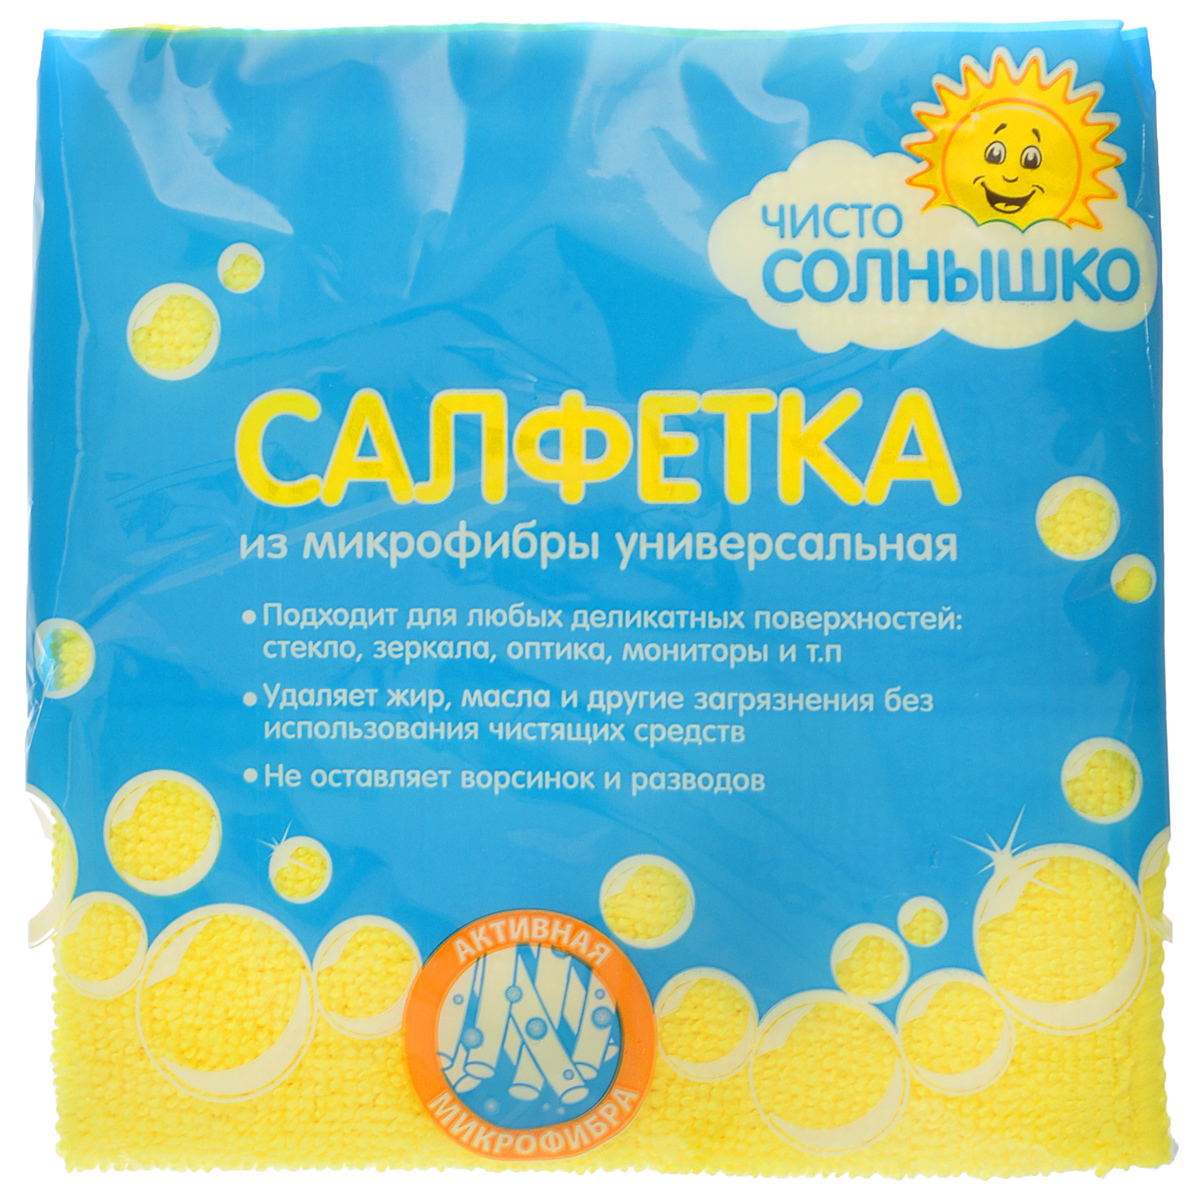 Салфетка из микрофибры Чисто Солнышко, цвет: желтый, 30 х 30 смЧС 1.3_желтыйСалфетка из микрофибры Чисто Солнышко идеально подходит для сухой и влажной чистки. Полностью удаляет воду, не оставляя следа. Превосходит все традиционные аналоги салфеток. В сухом виде подходит для деликатных поверхностей: стекол, зеркал, оптики, мониторов, мебели, бытовой техники и многого другого. Во влажном виде незаменима на кухне, в ванной, в уходе за автомобилем.